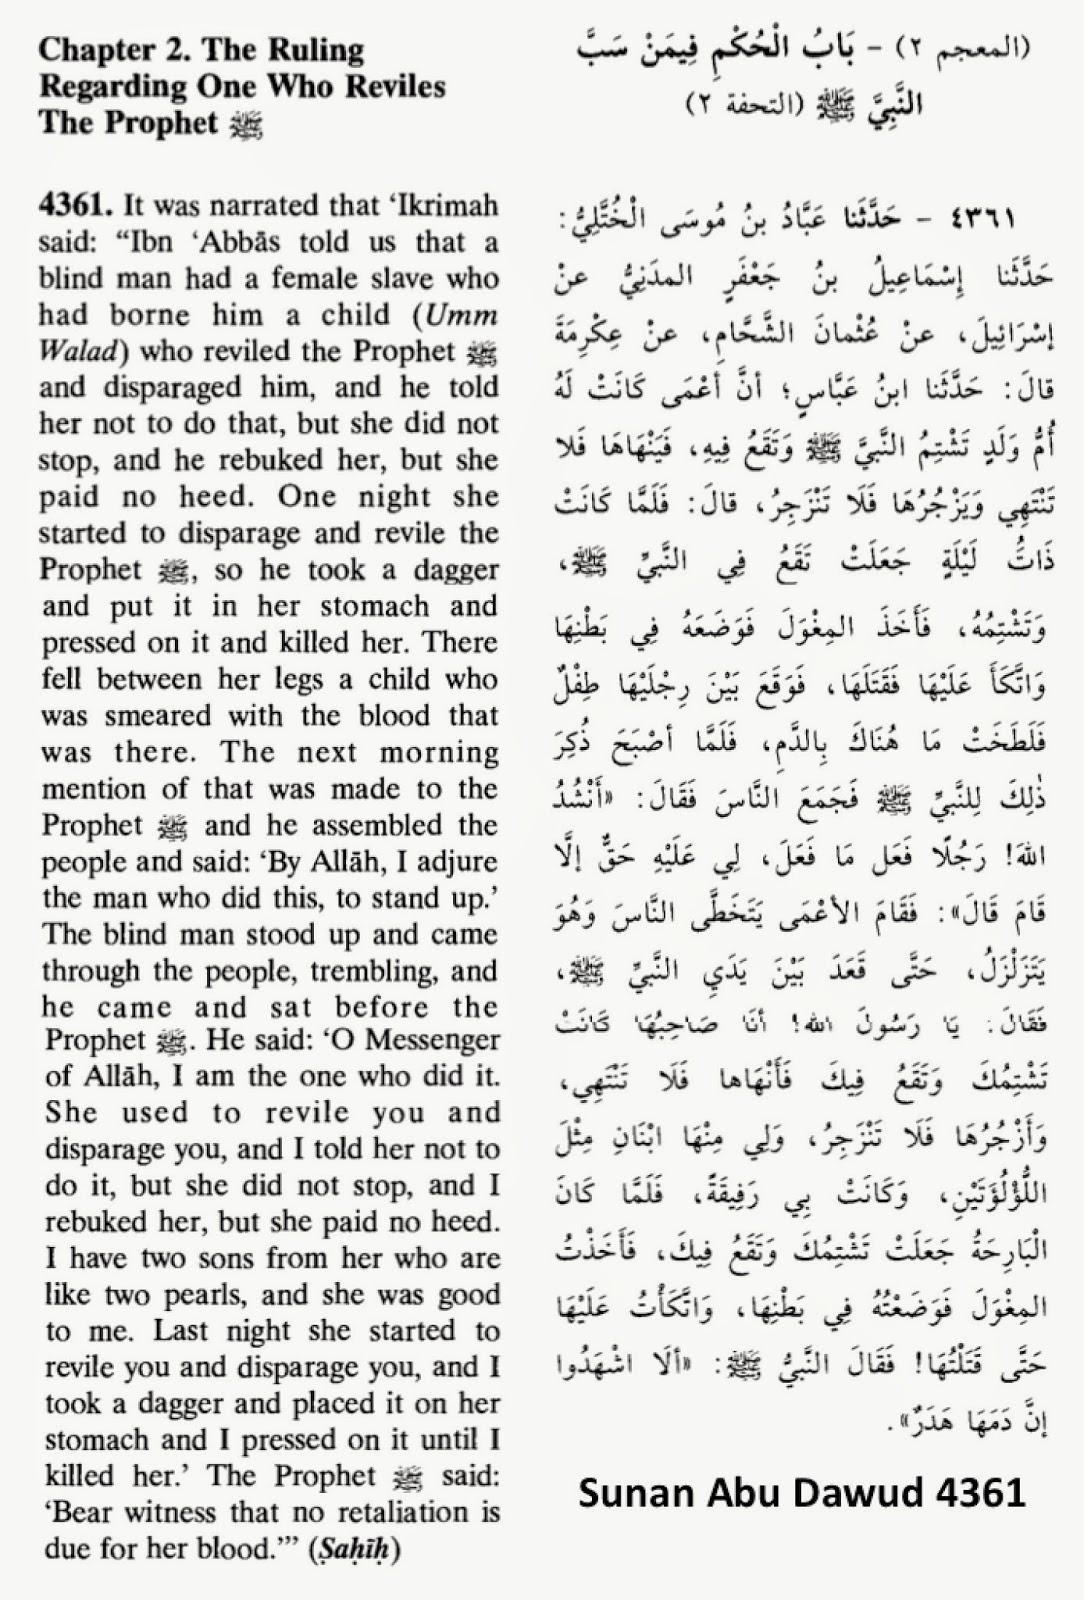 Sunan Abu Dawud 4361